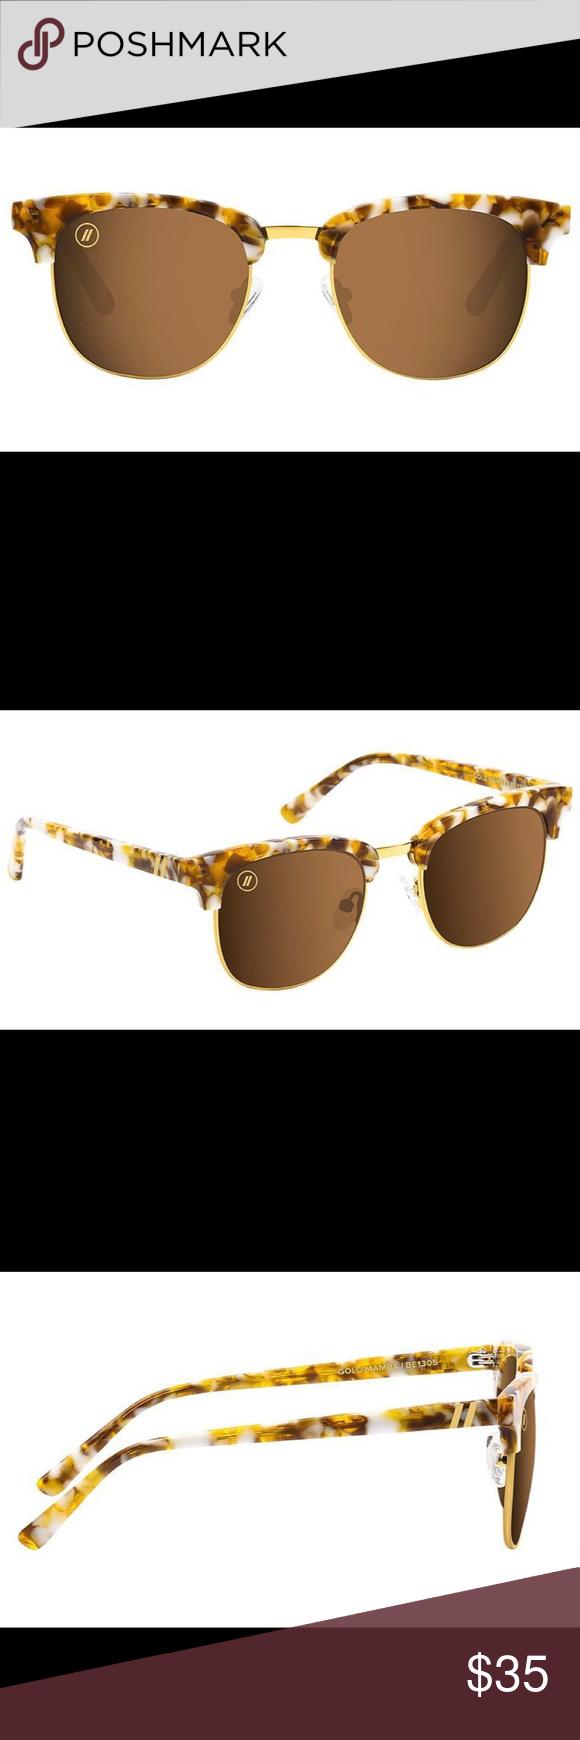 """3e81addcb242c BLENDERS Eyewear """"Gold Mamba"""" Polarized Sunglasses DETAILS - Handmade  Metallic Acetate - Polarized Amber"""